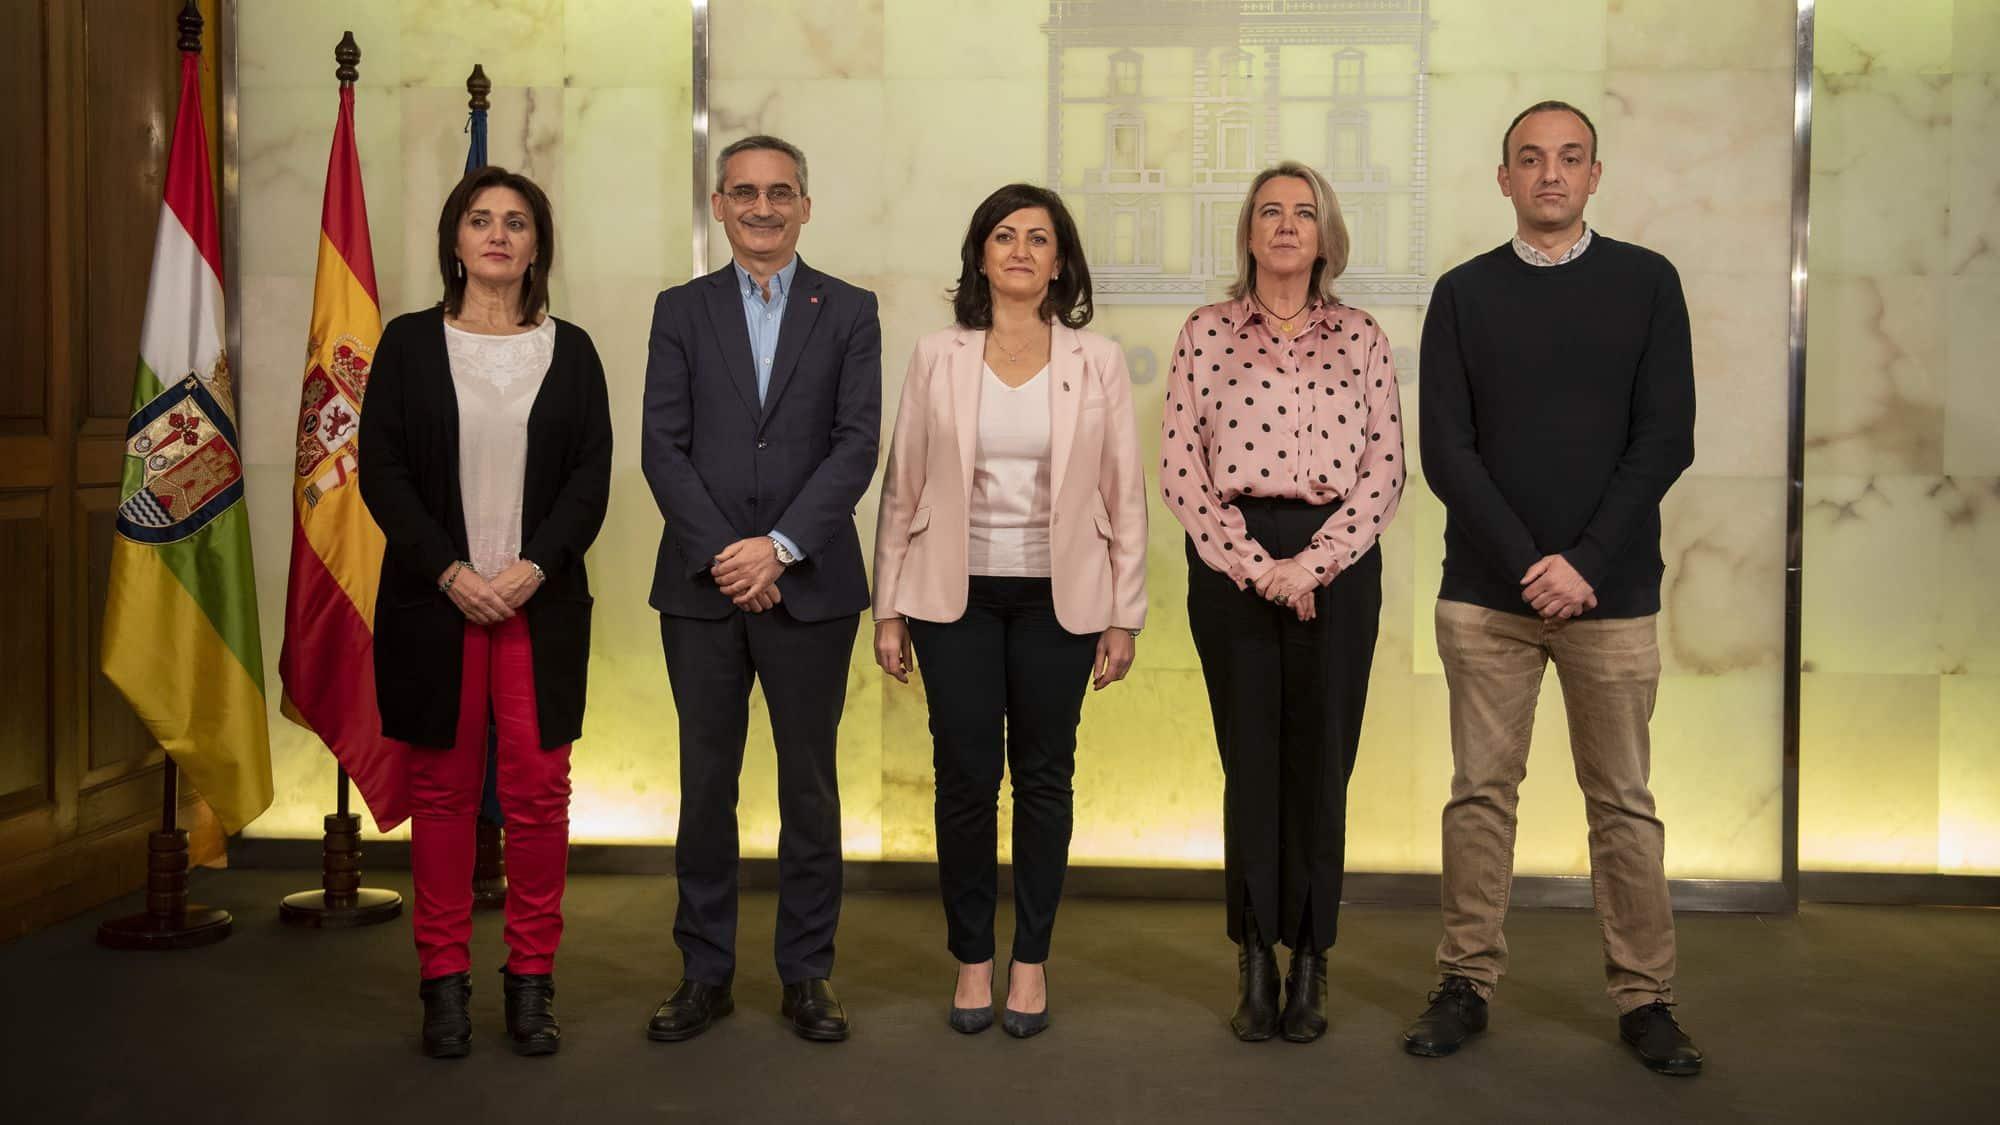 Gobierno de La Rioja y UR unen fuerzas para hacer frente al reto demográfico y la despoblación 1